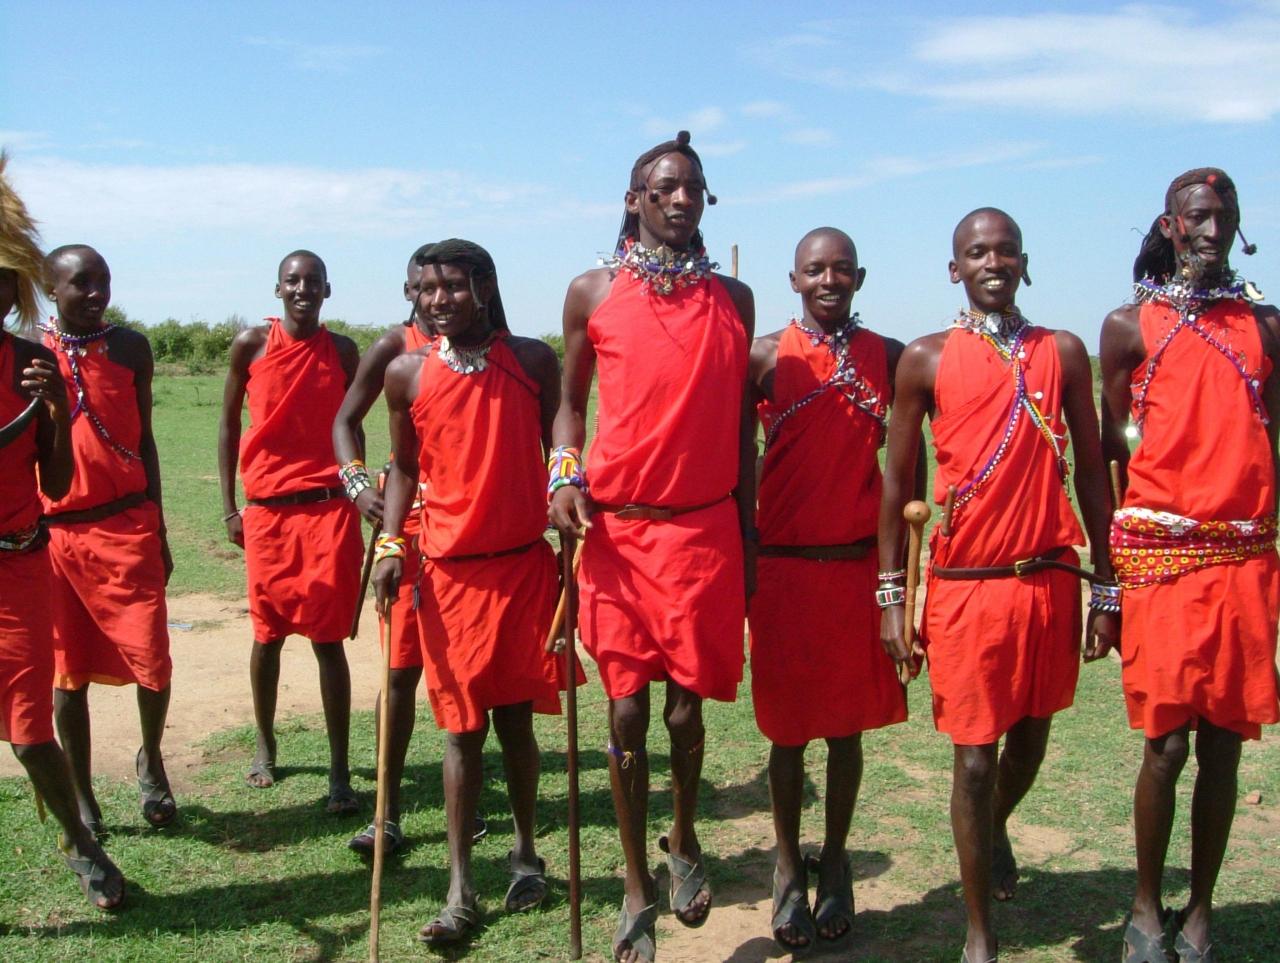 Happy honeymoon! in ケニア』マサイマラ国立保護区周辺(ケニア)の旅行 ...